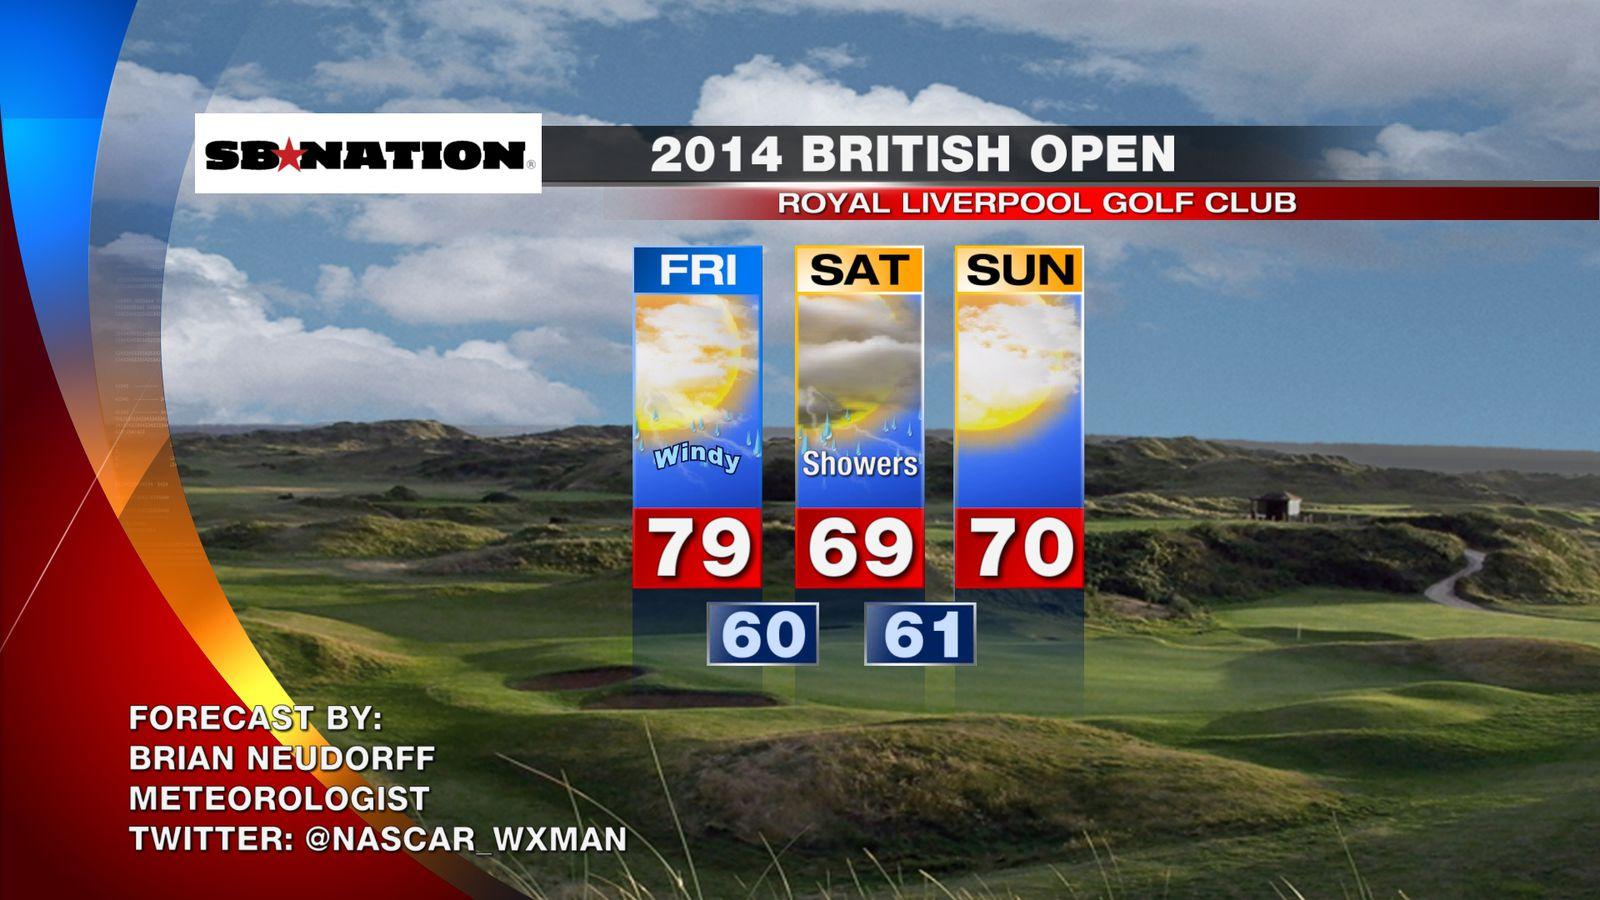 2014年英国公开天气预报:周五有些阵雨